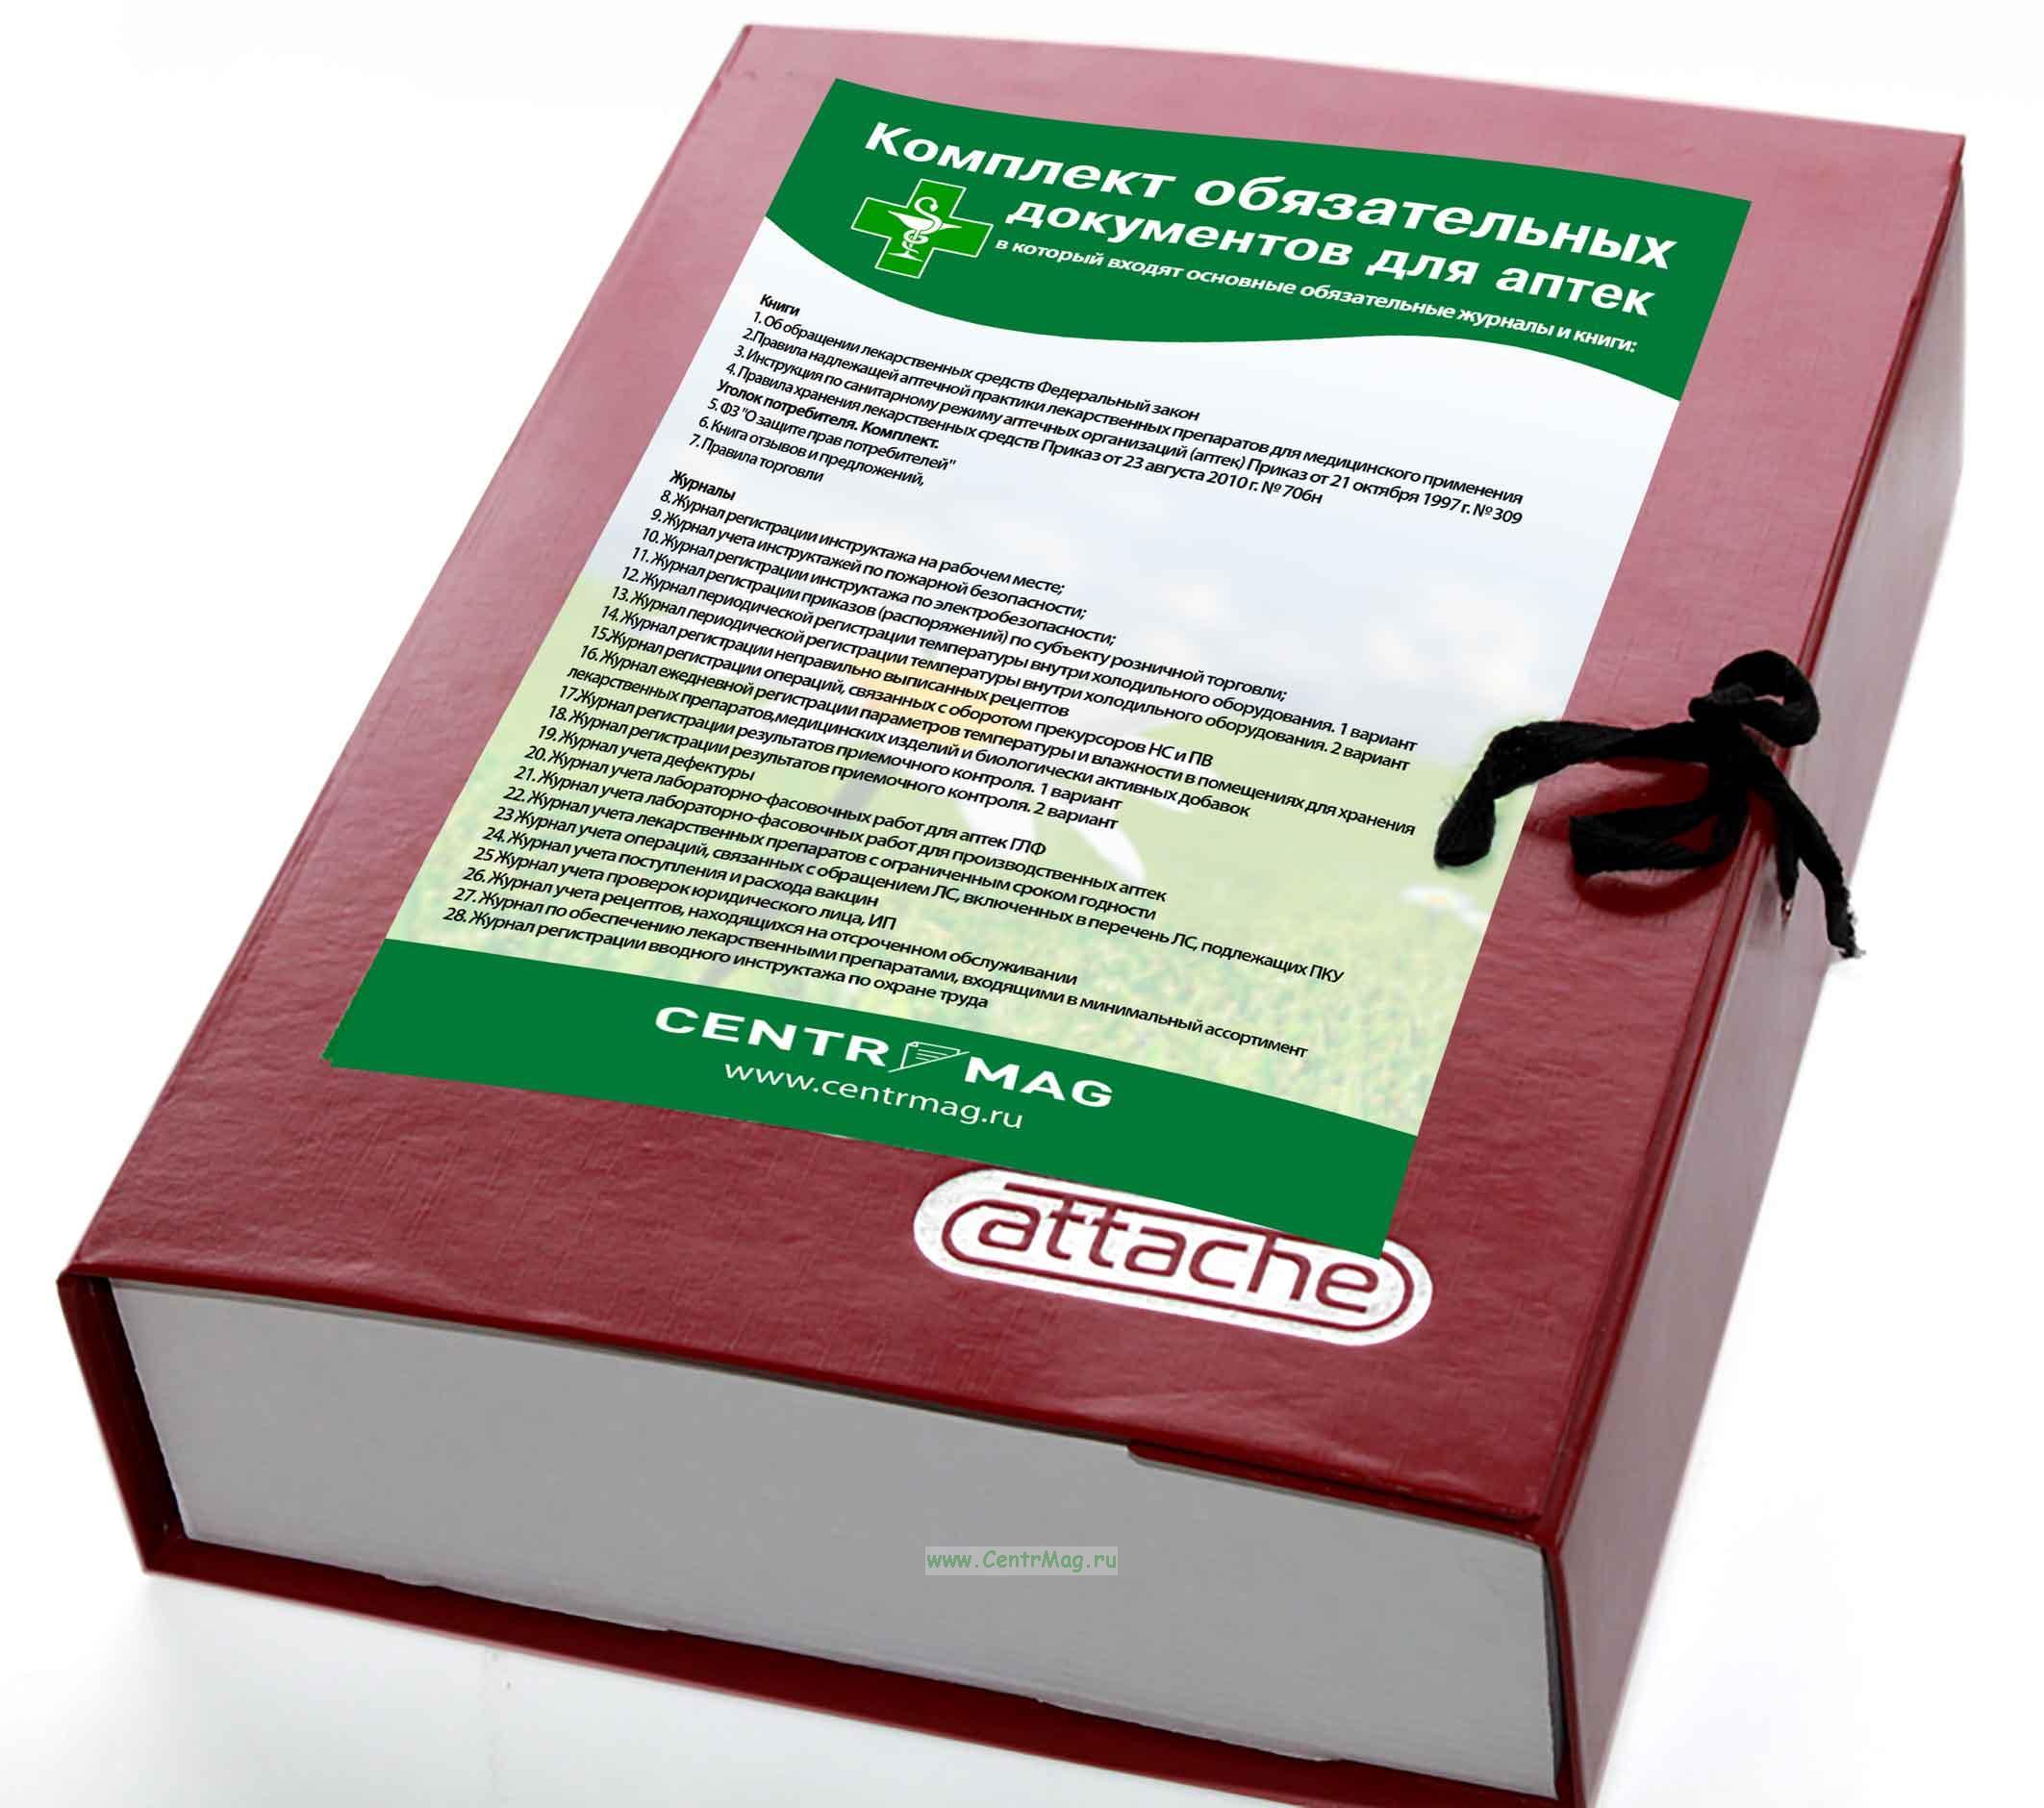 Комплект обязательных журналов для аптек в папке 2017 год. Последняя редакция